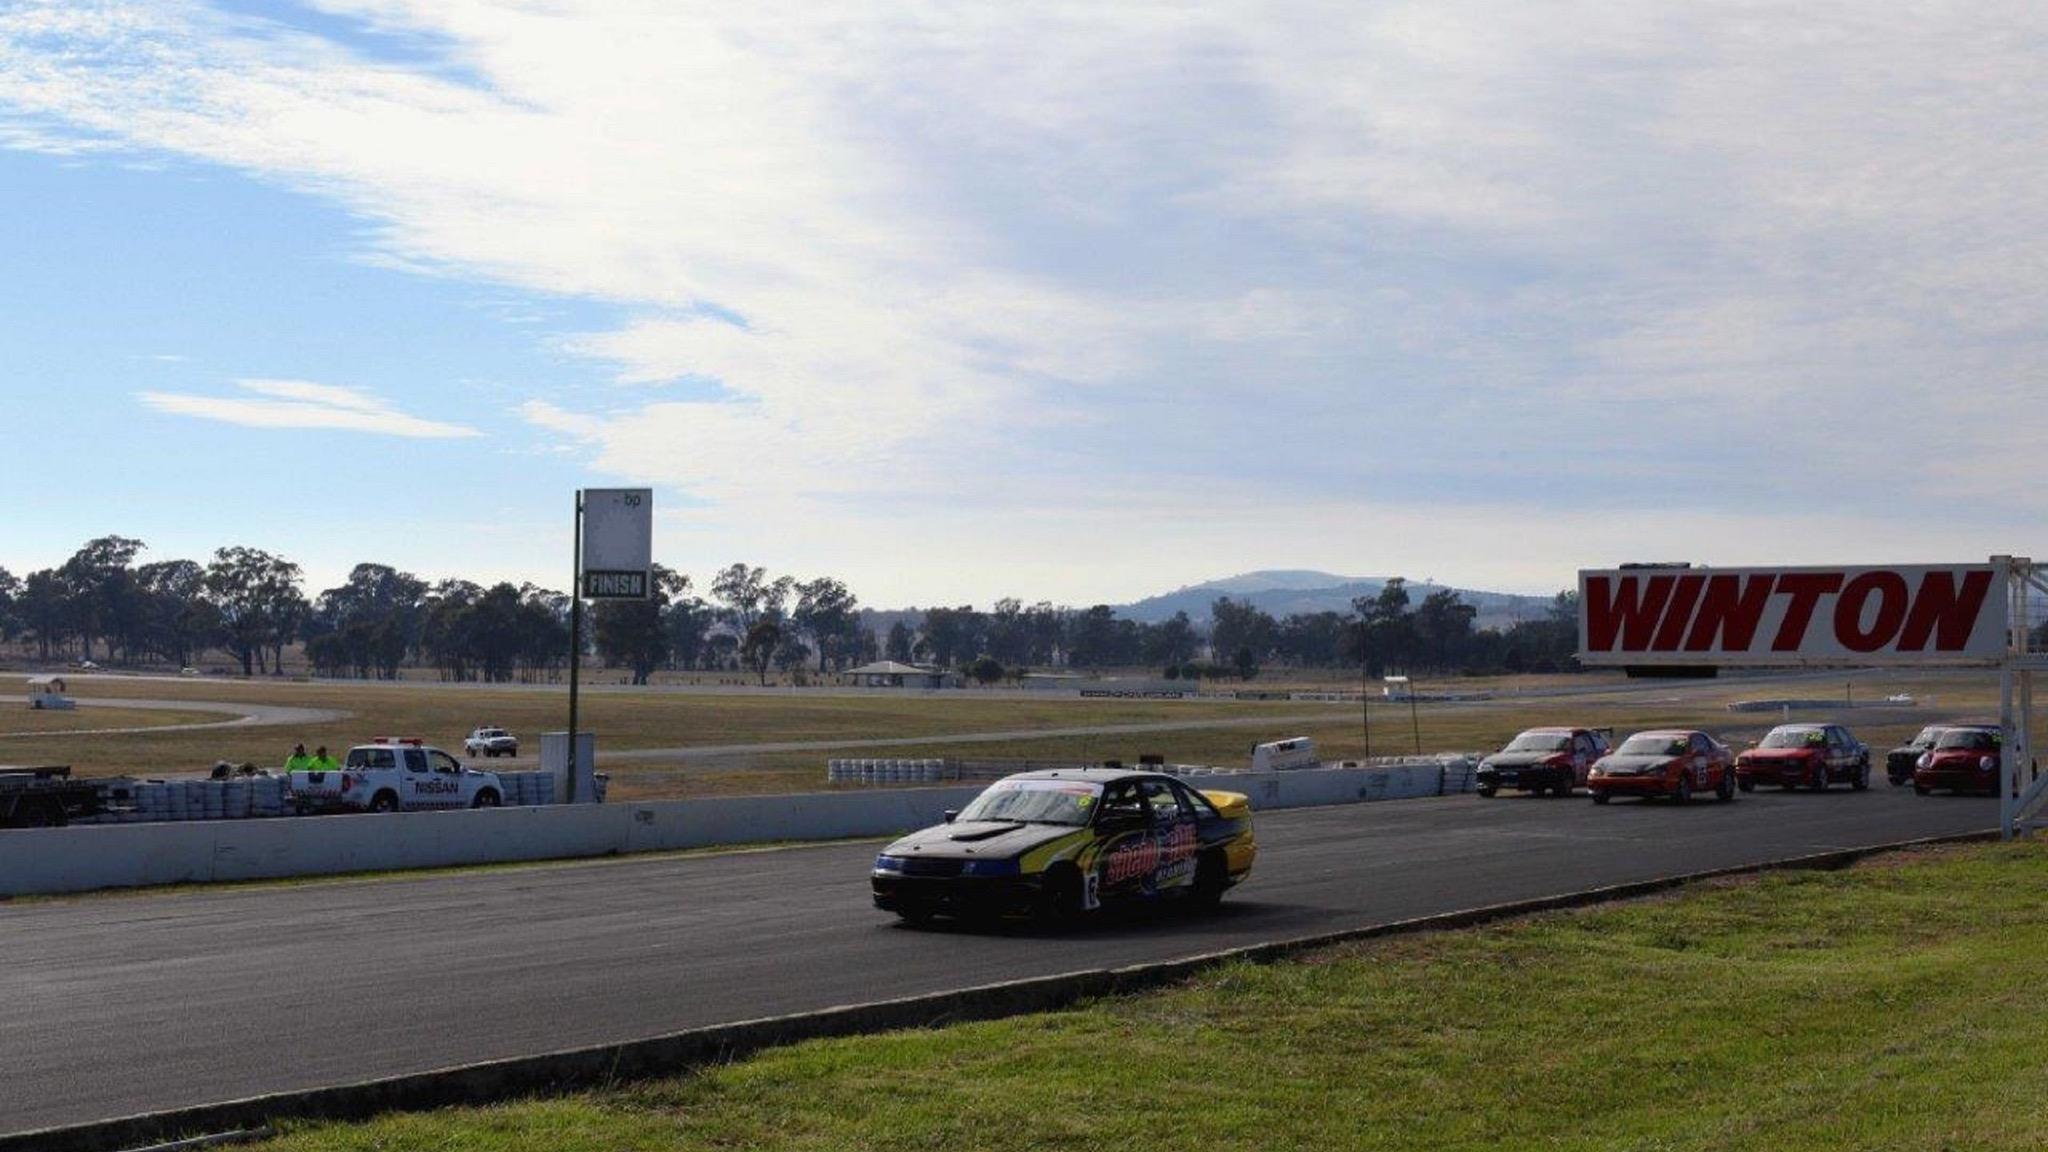 winton races